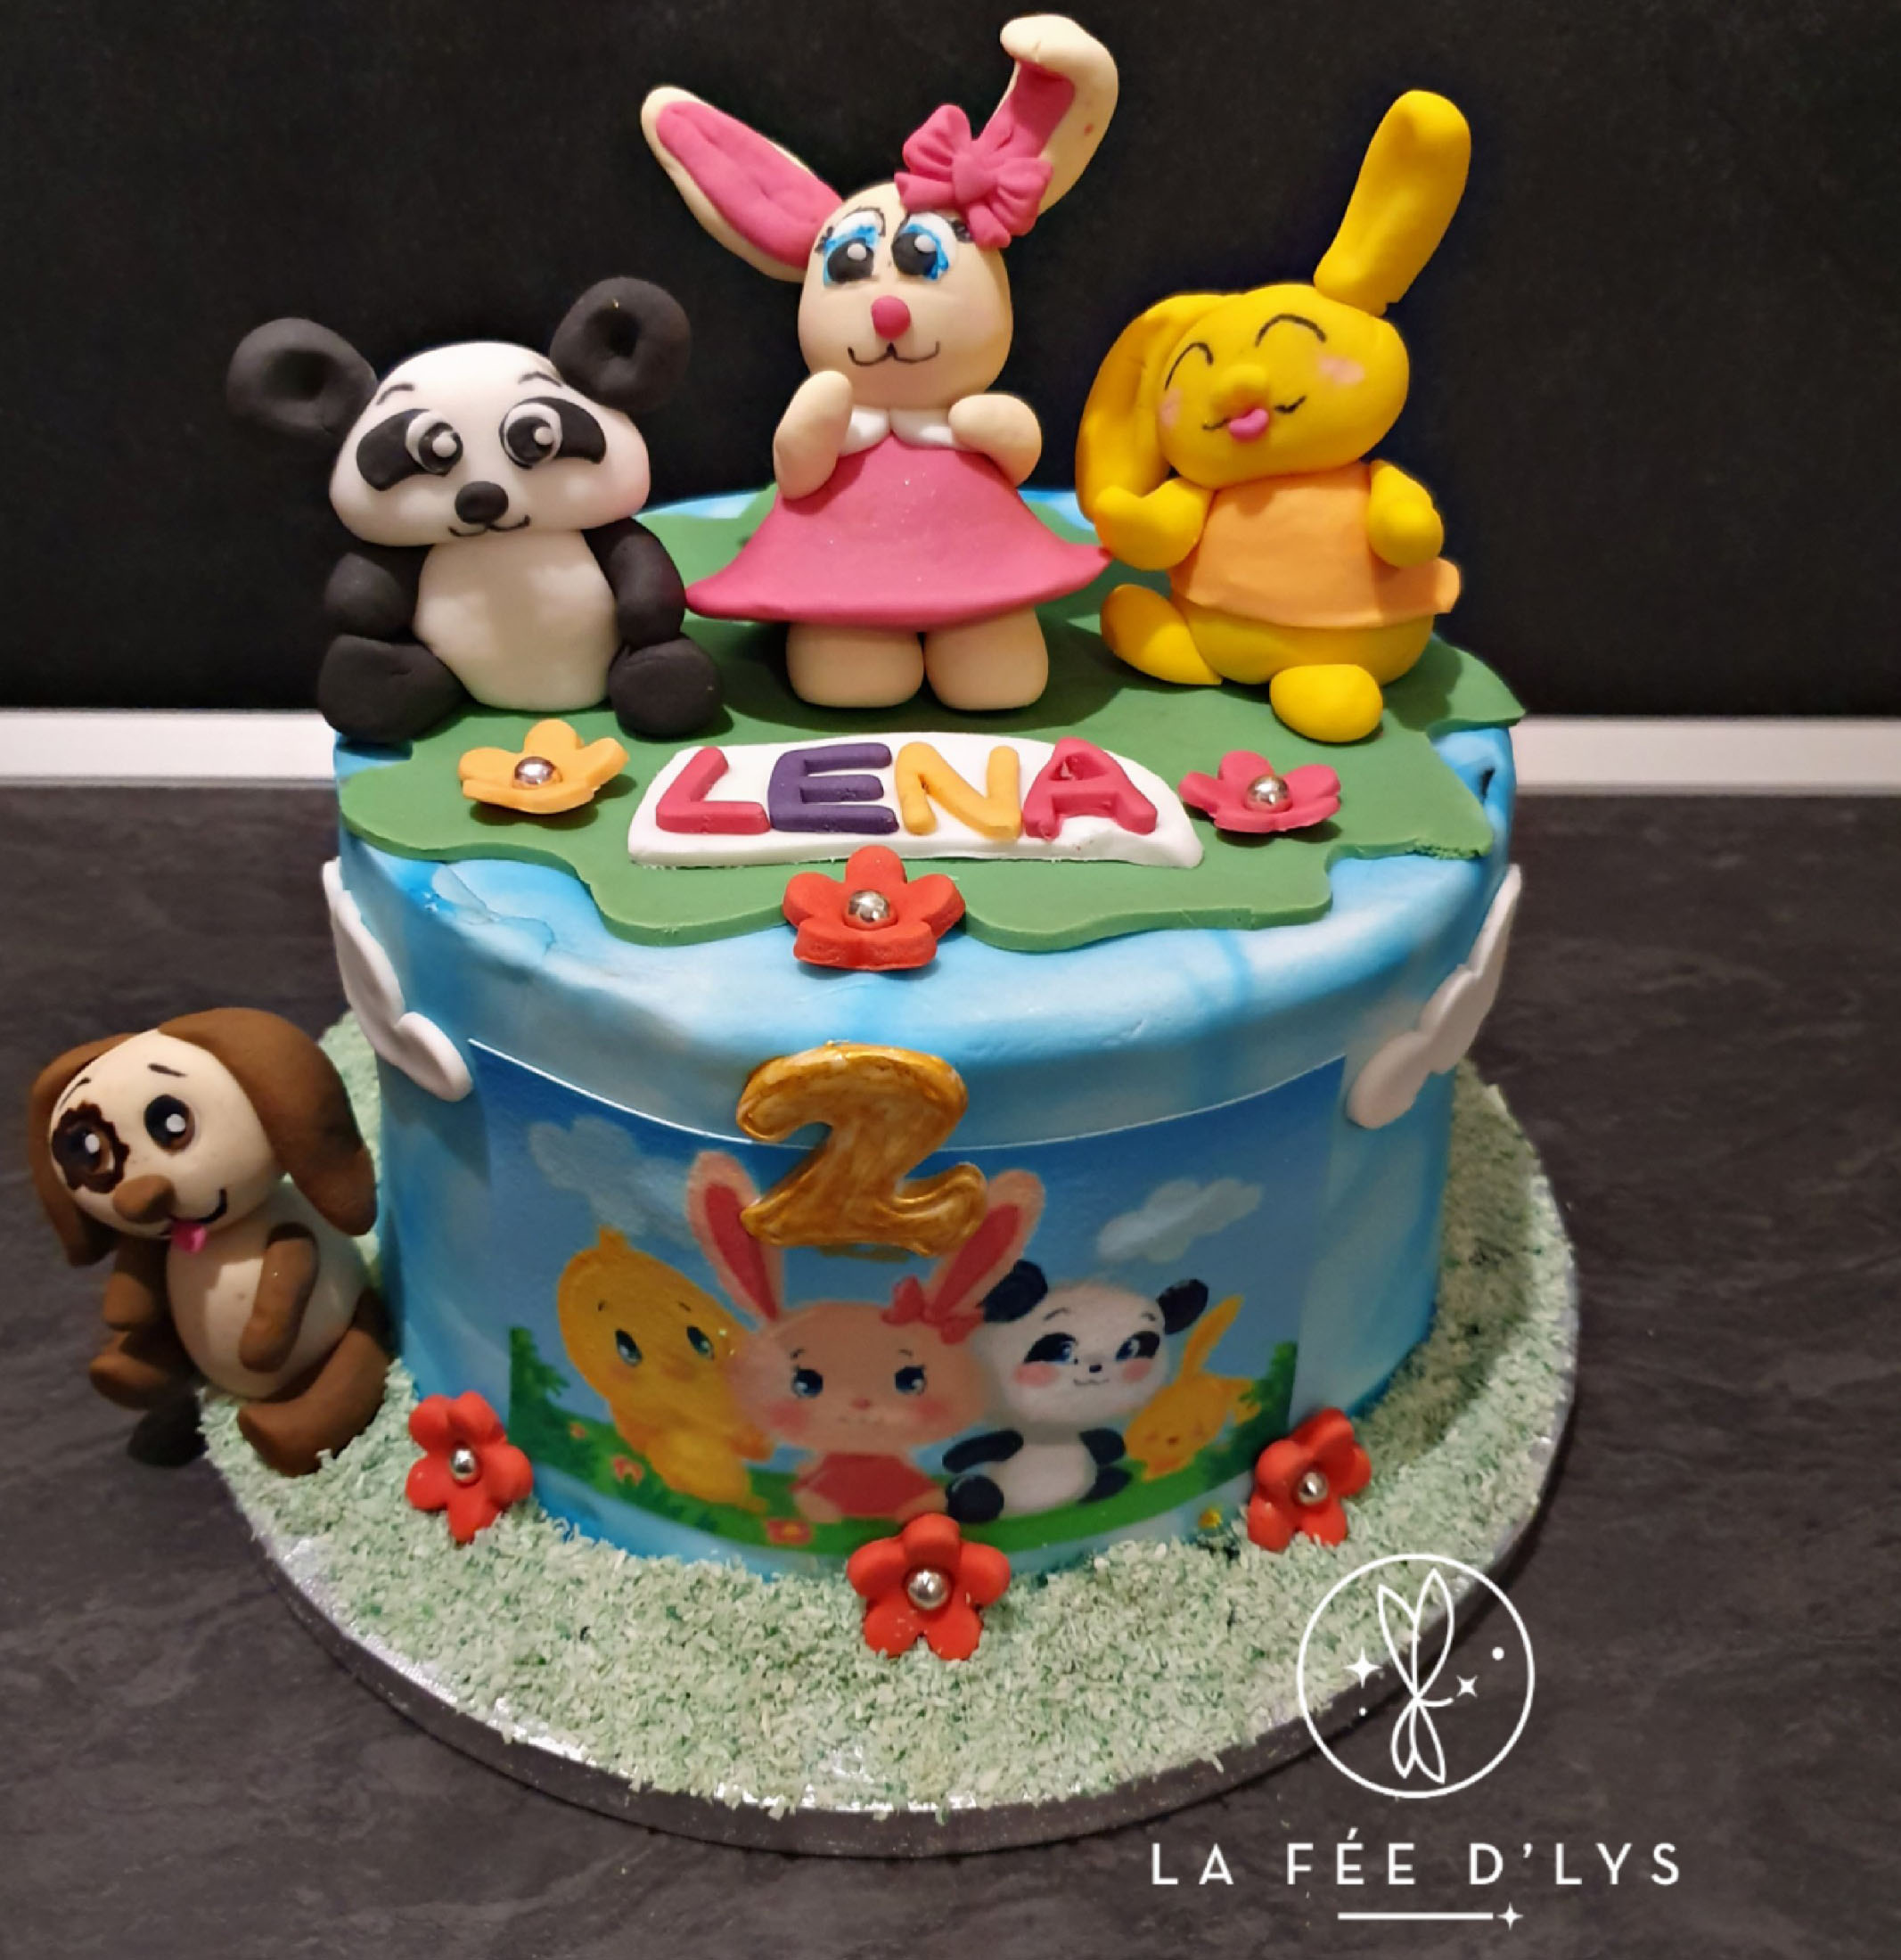 Cake Design - Lena - 2ans